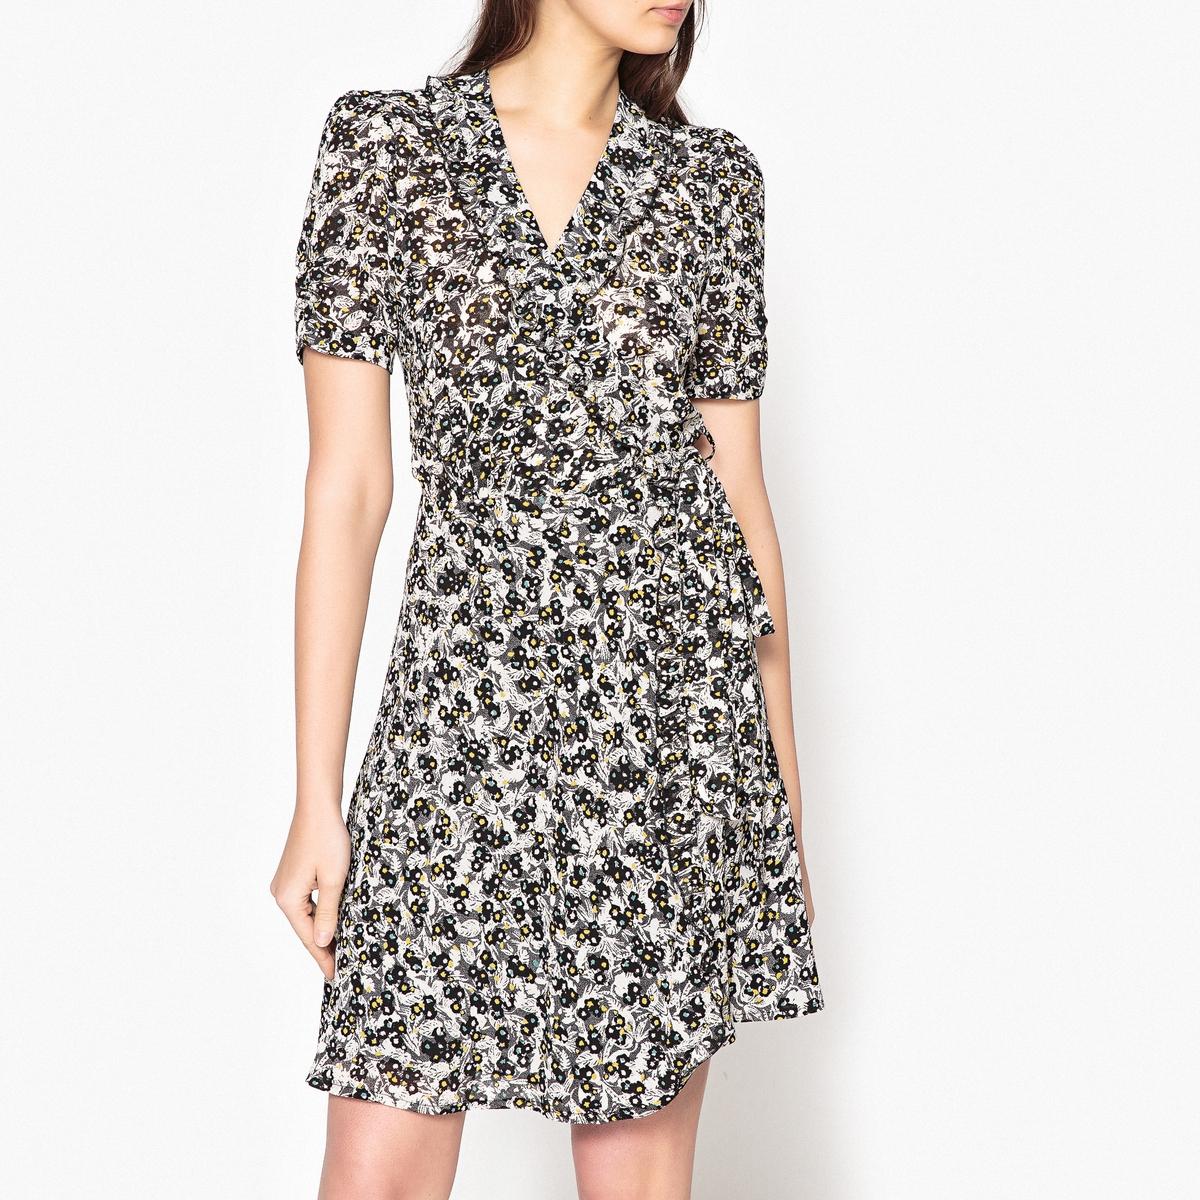 Платье с рисунком, с запахом WAKASAОписание:Платье с рисунком SESSUN - модель WAKASA. Платье с запахом и завязками, с V -образным вырезом и воланами. Короткие рукава.Детали: •  Форма : расклешенная •  Укороченная модель •  Короткие рукава    •   V-образный вырез •  Рисунок-принтСостав и уход: •  100% полиэстера •  Следуйте советам по уходу, указанным на этикетке. •  Платье с подкладкой •  Длина ок.90 см. 60 см для размера S.<br><br>Цвет: рисунок черный